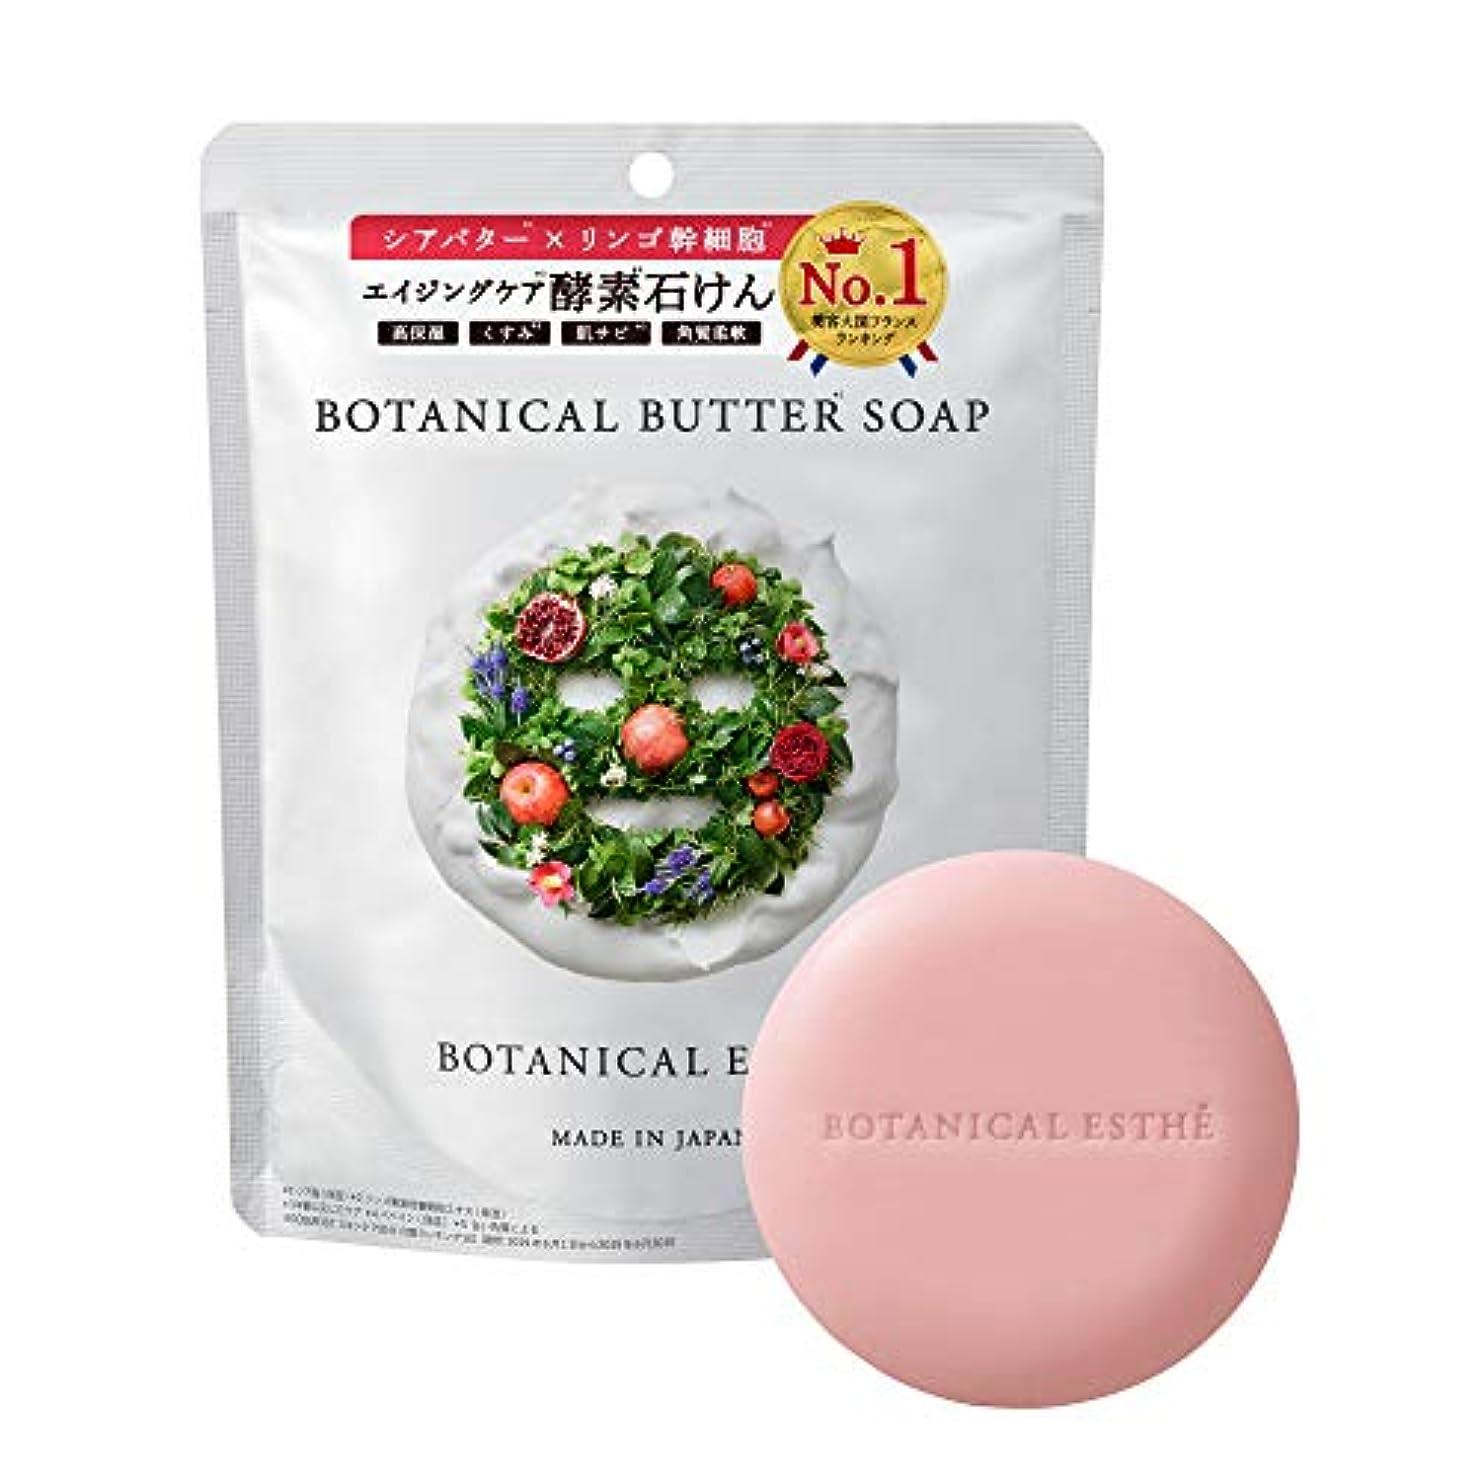 出します重々しい幻滅するBOTANICAL ESTHE ボタニカルエステ 洗顔石鹸 バターソープ 80g